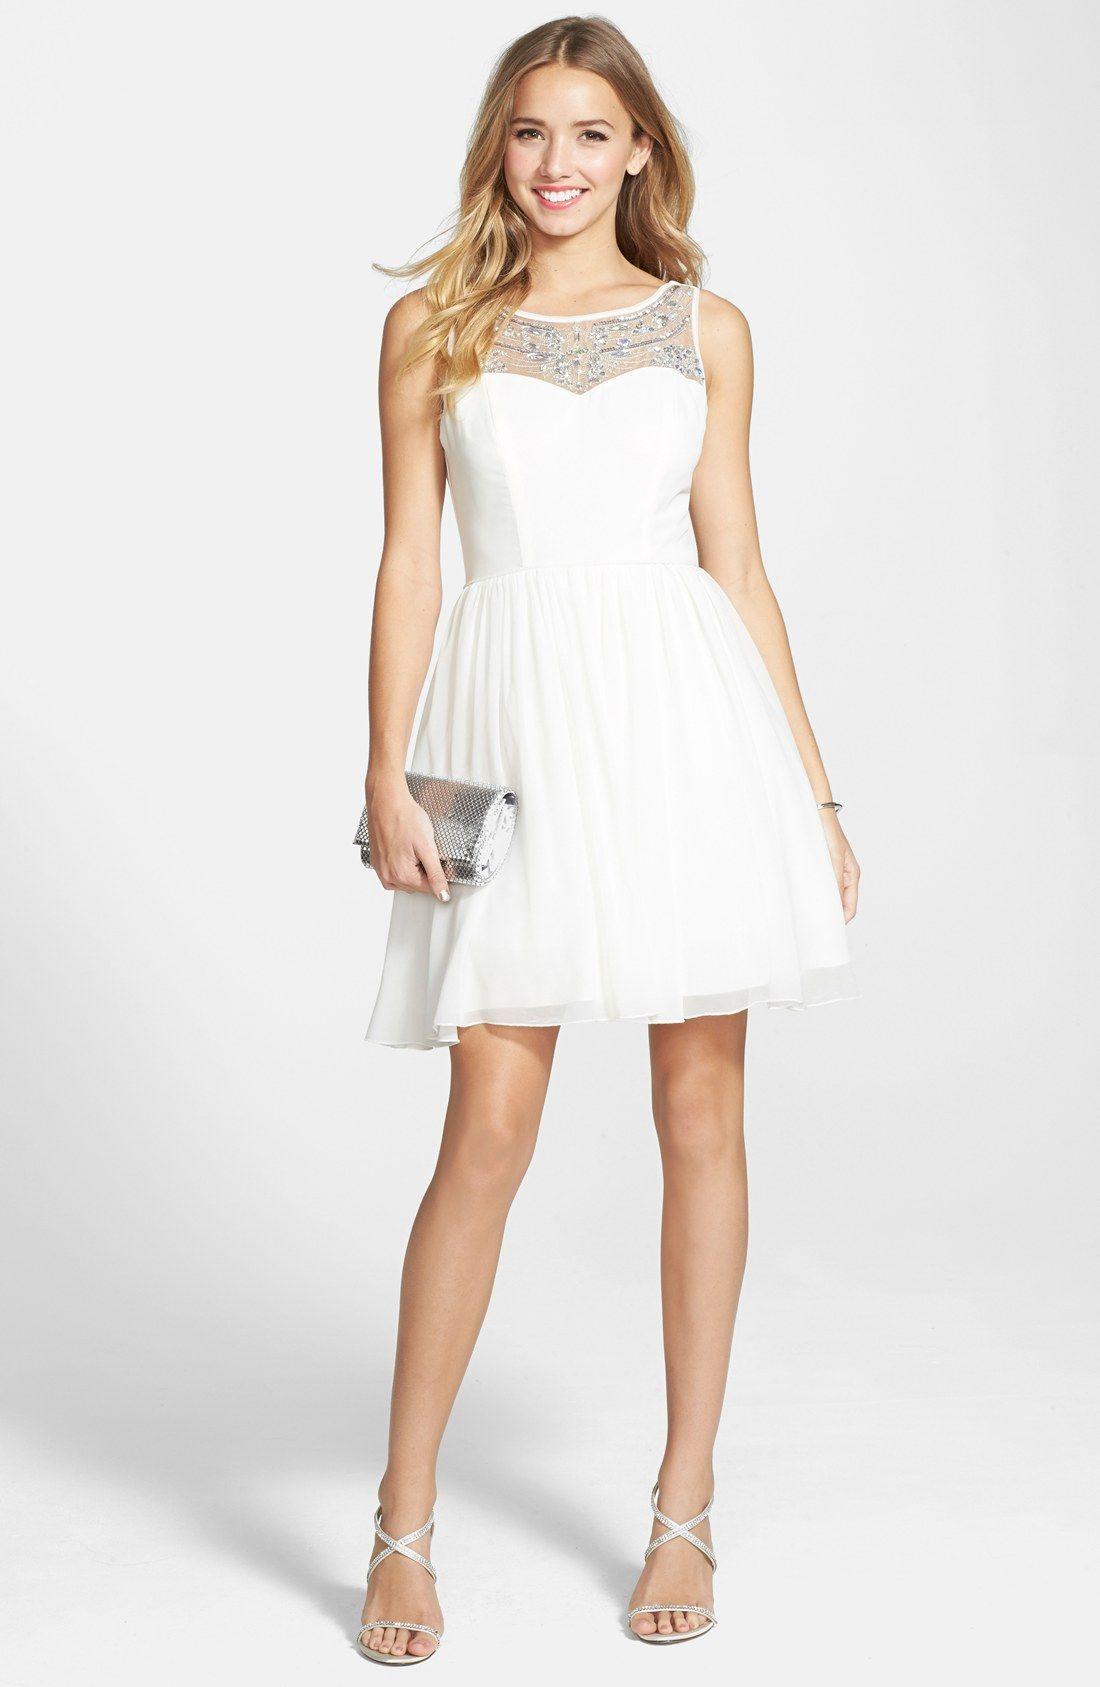 6eadd24849c63 10 hermosos vestidos para tu graduación (y dónde comprarlos)   ActitudFEM